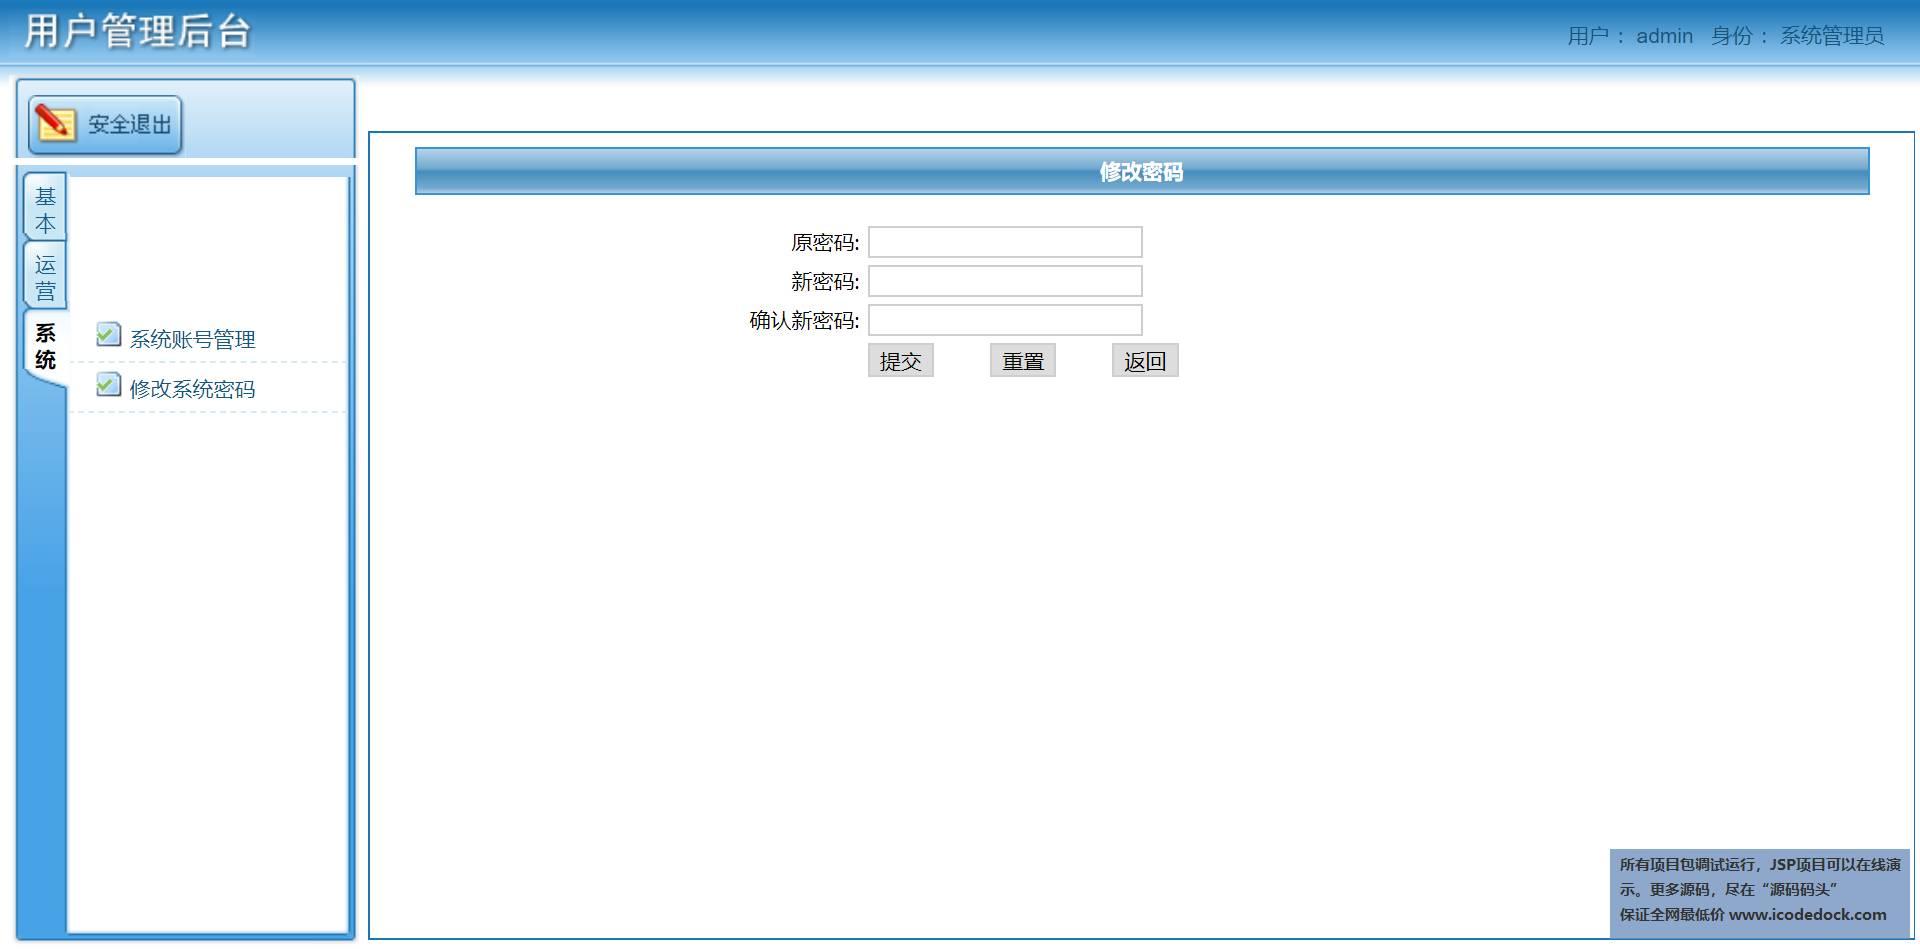 源码码头-SSH物业管理系统-管理员角色-修改系统密码